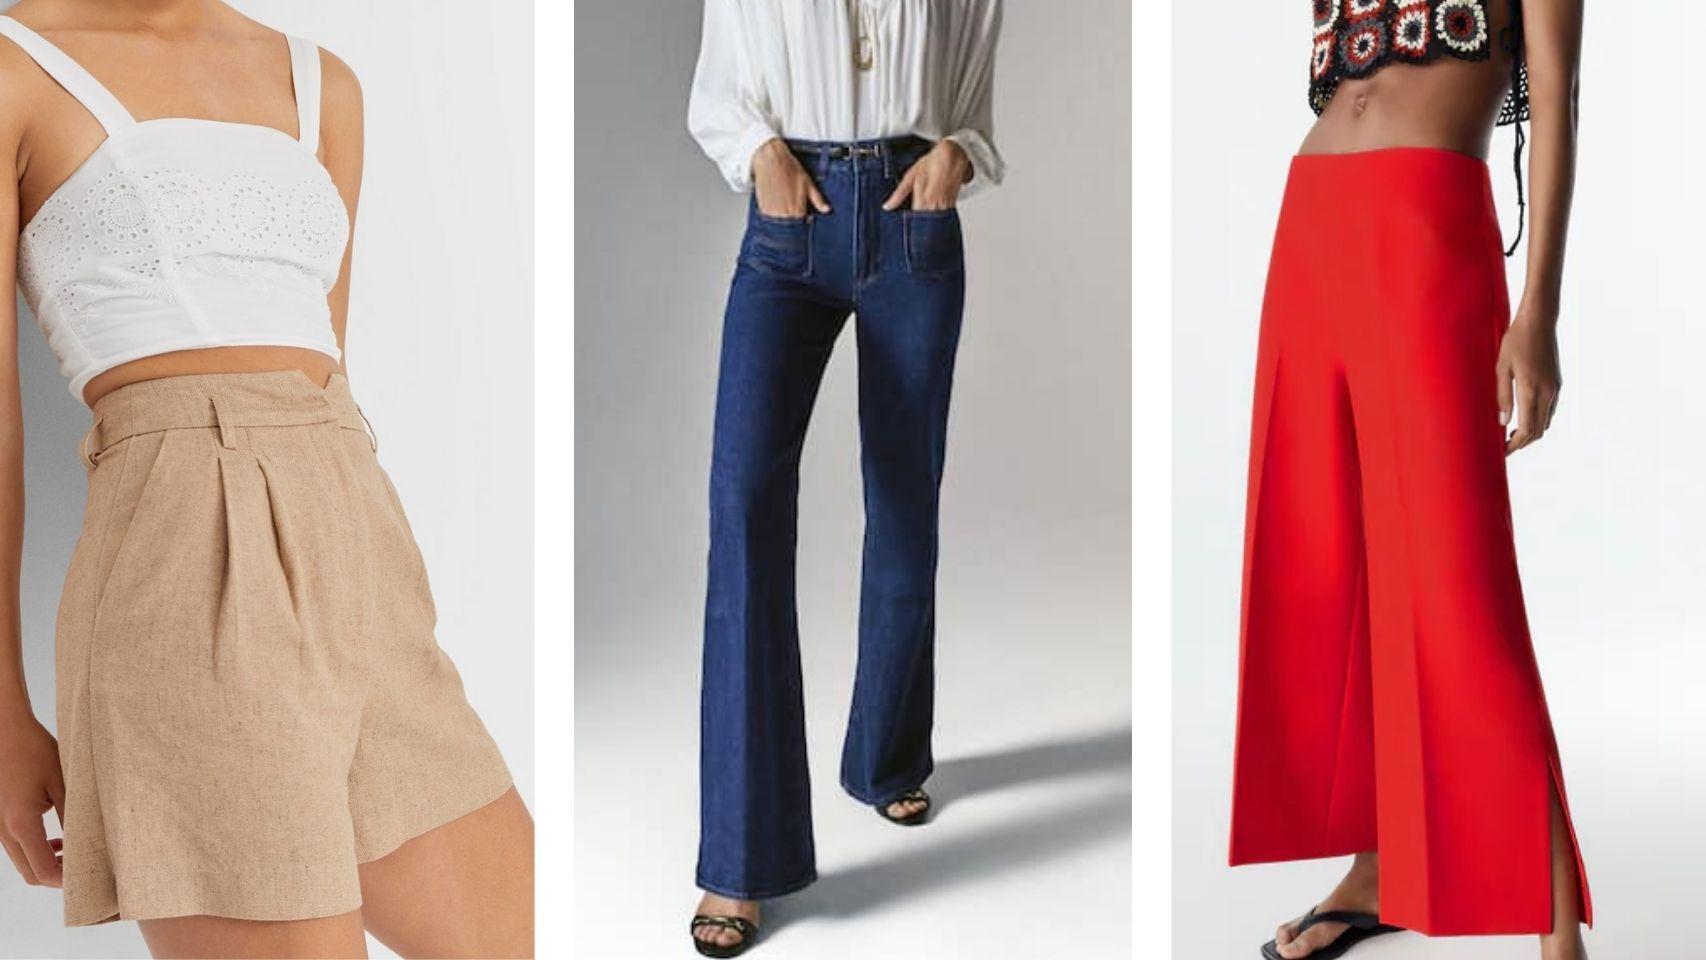 De tiro muy alto y cortes rectos: los  'jeans' que mejor sientan a las chicas bajitas.